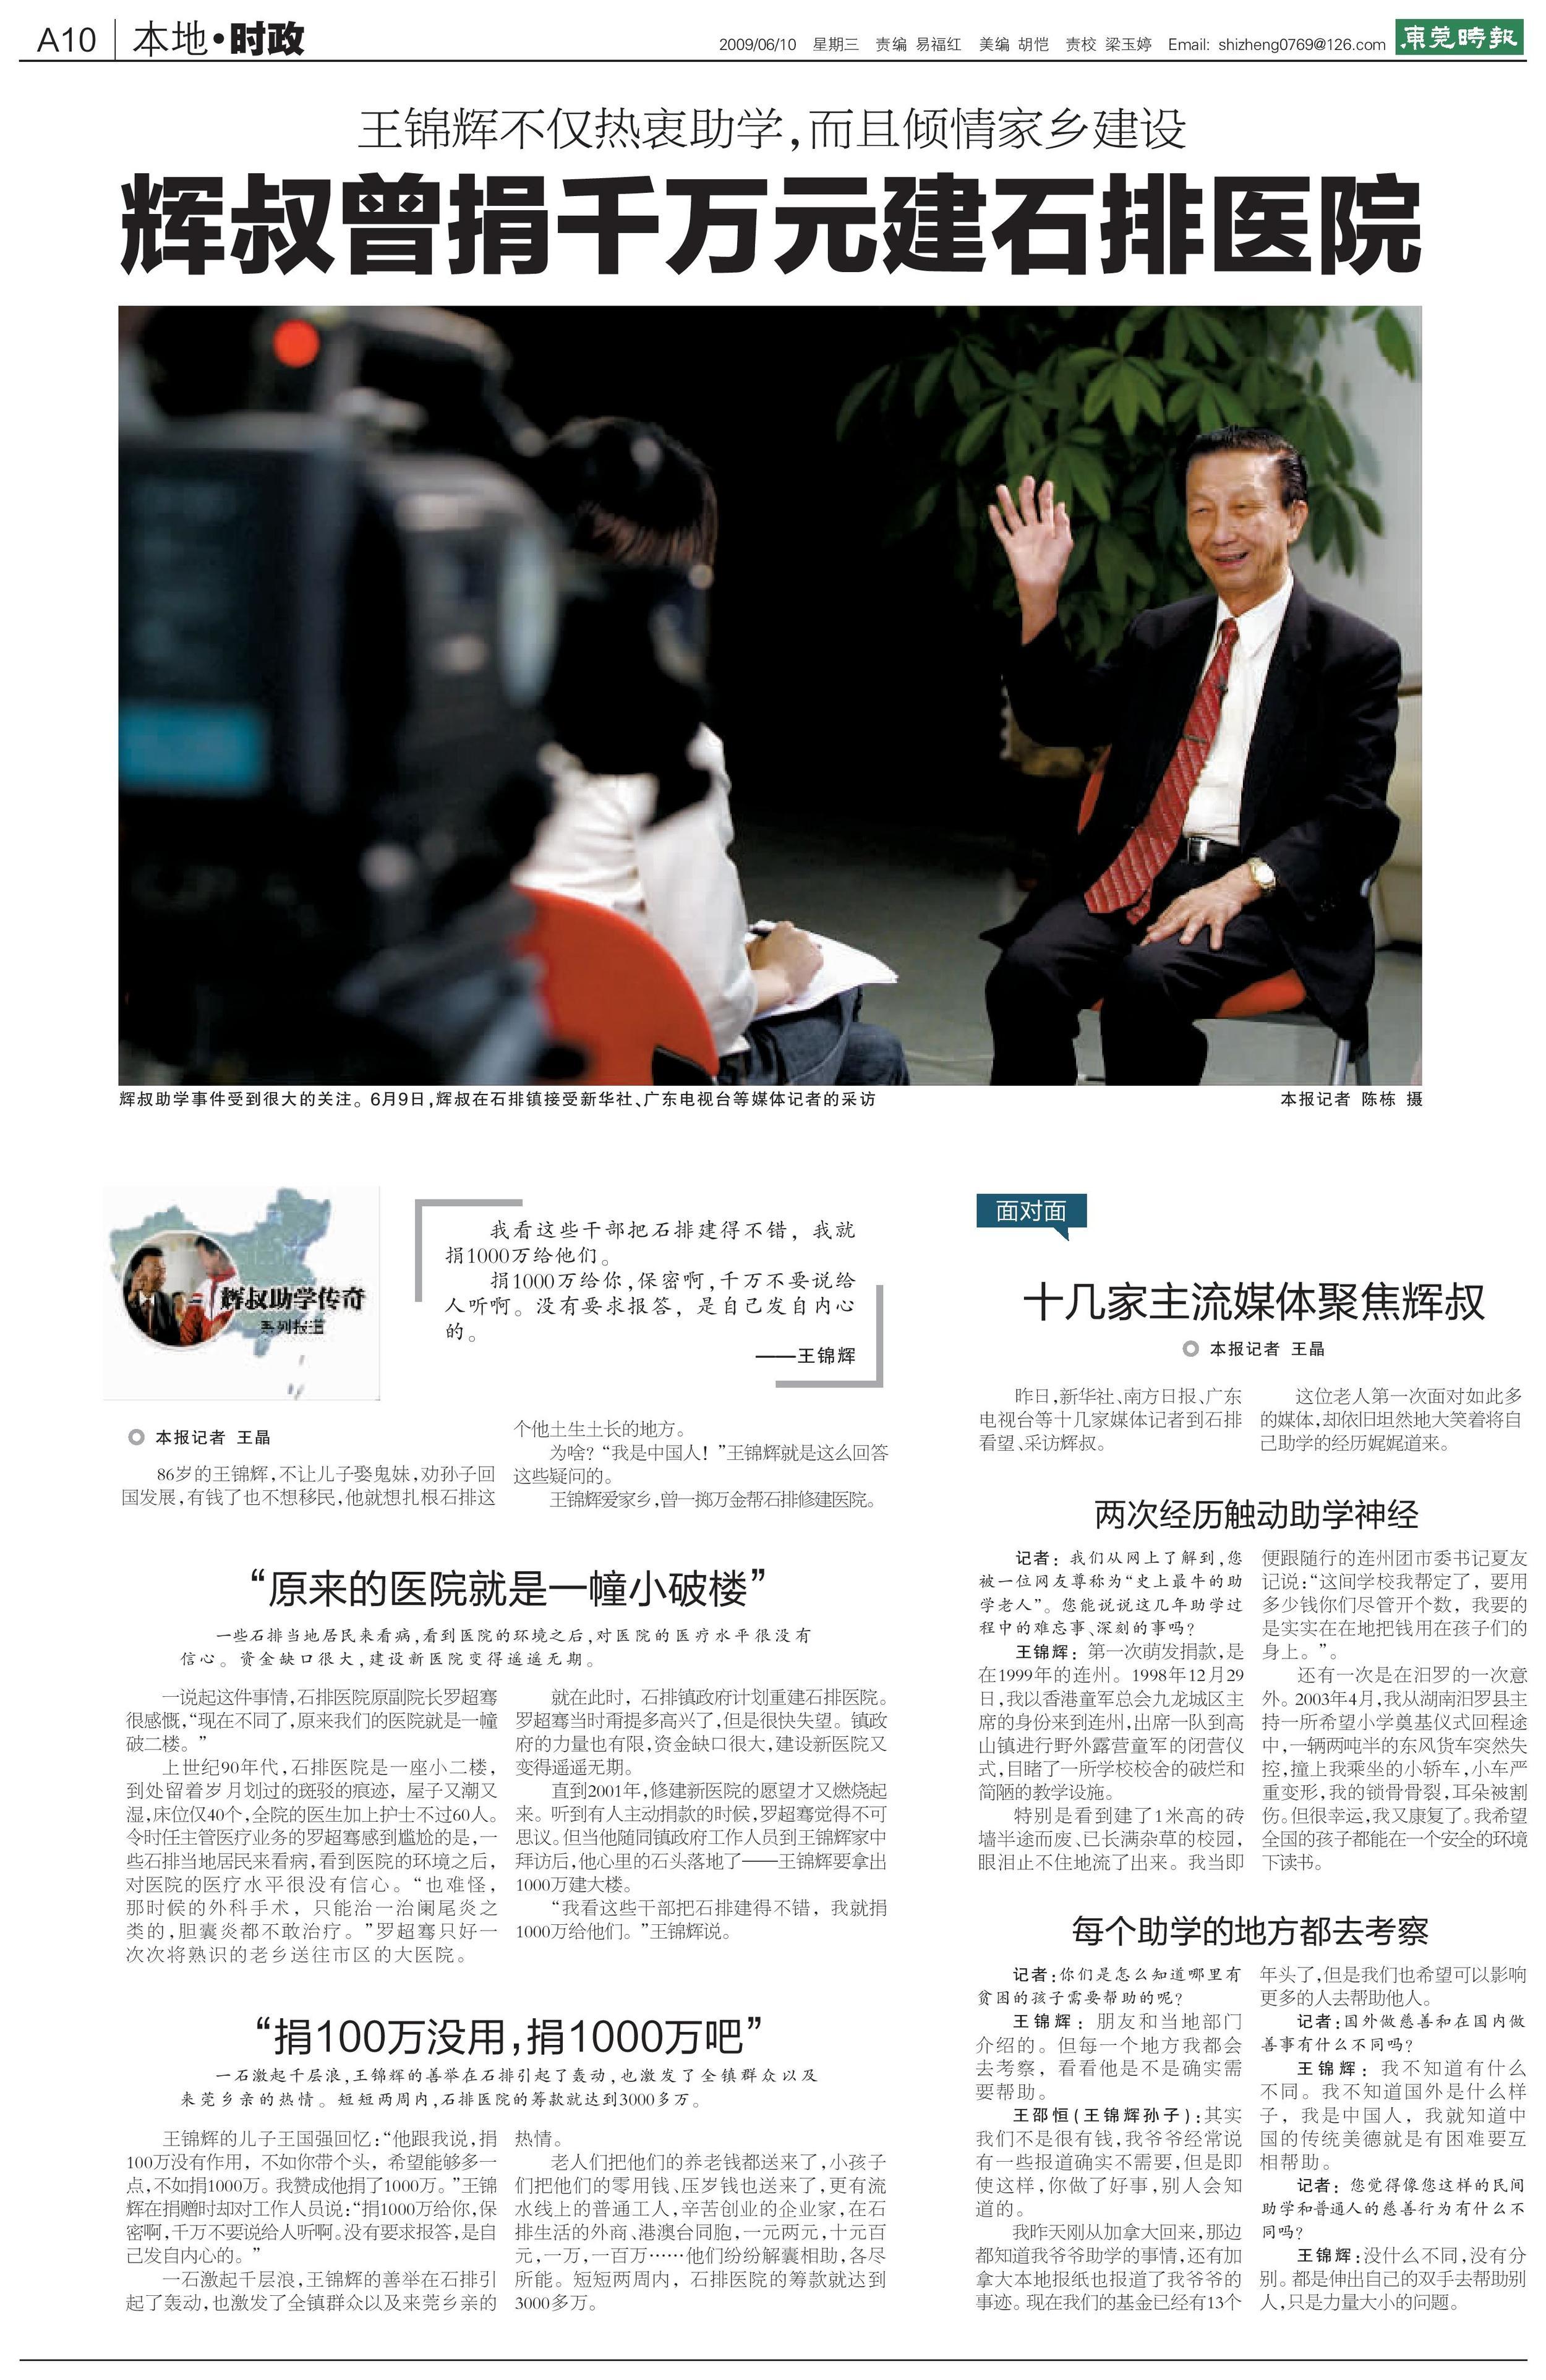 20090610_輝叔曾捐千萬元建石排醫院